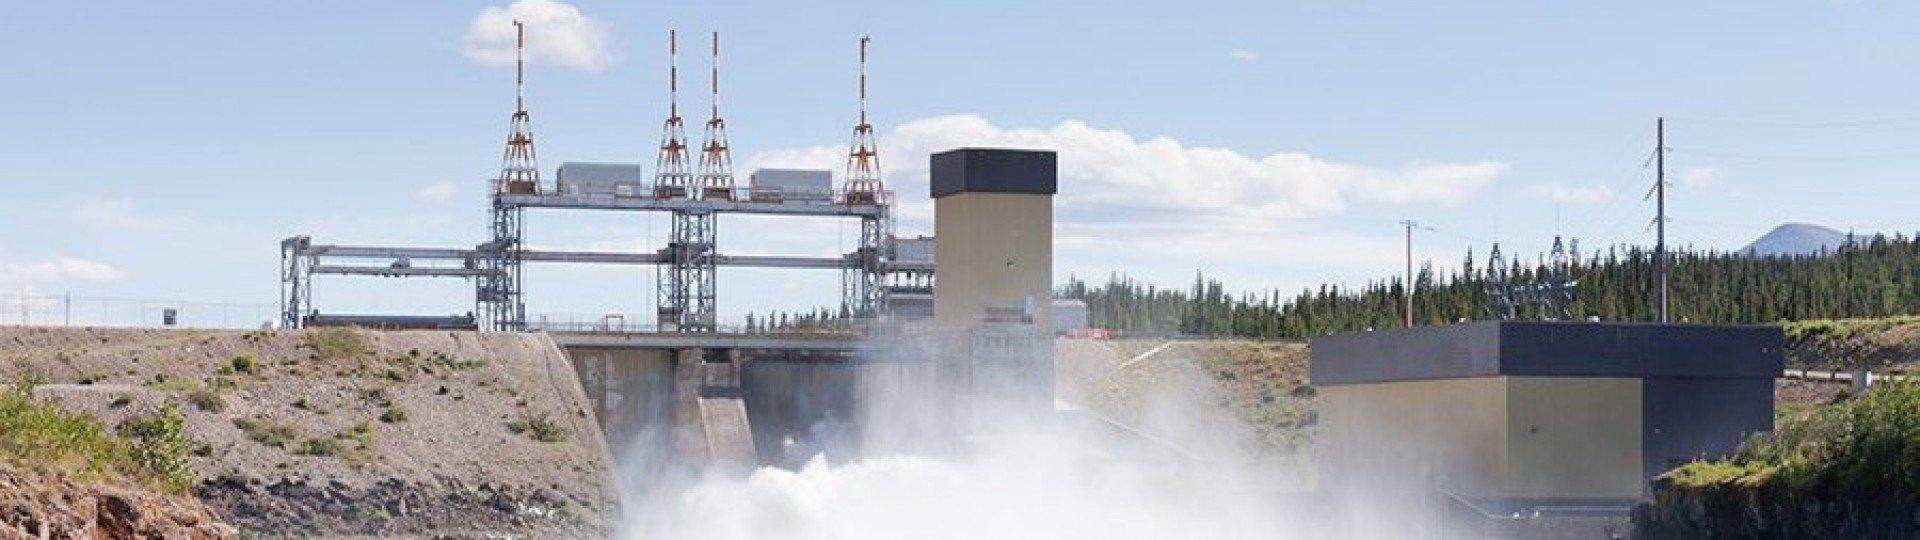 Manutenção de turbinas hidráulicas Wórtice